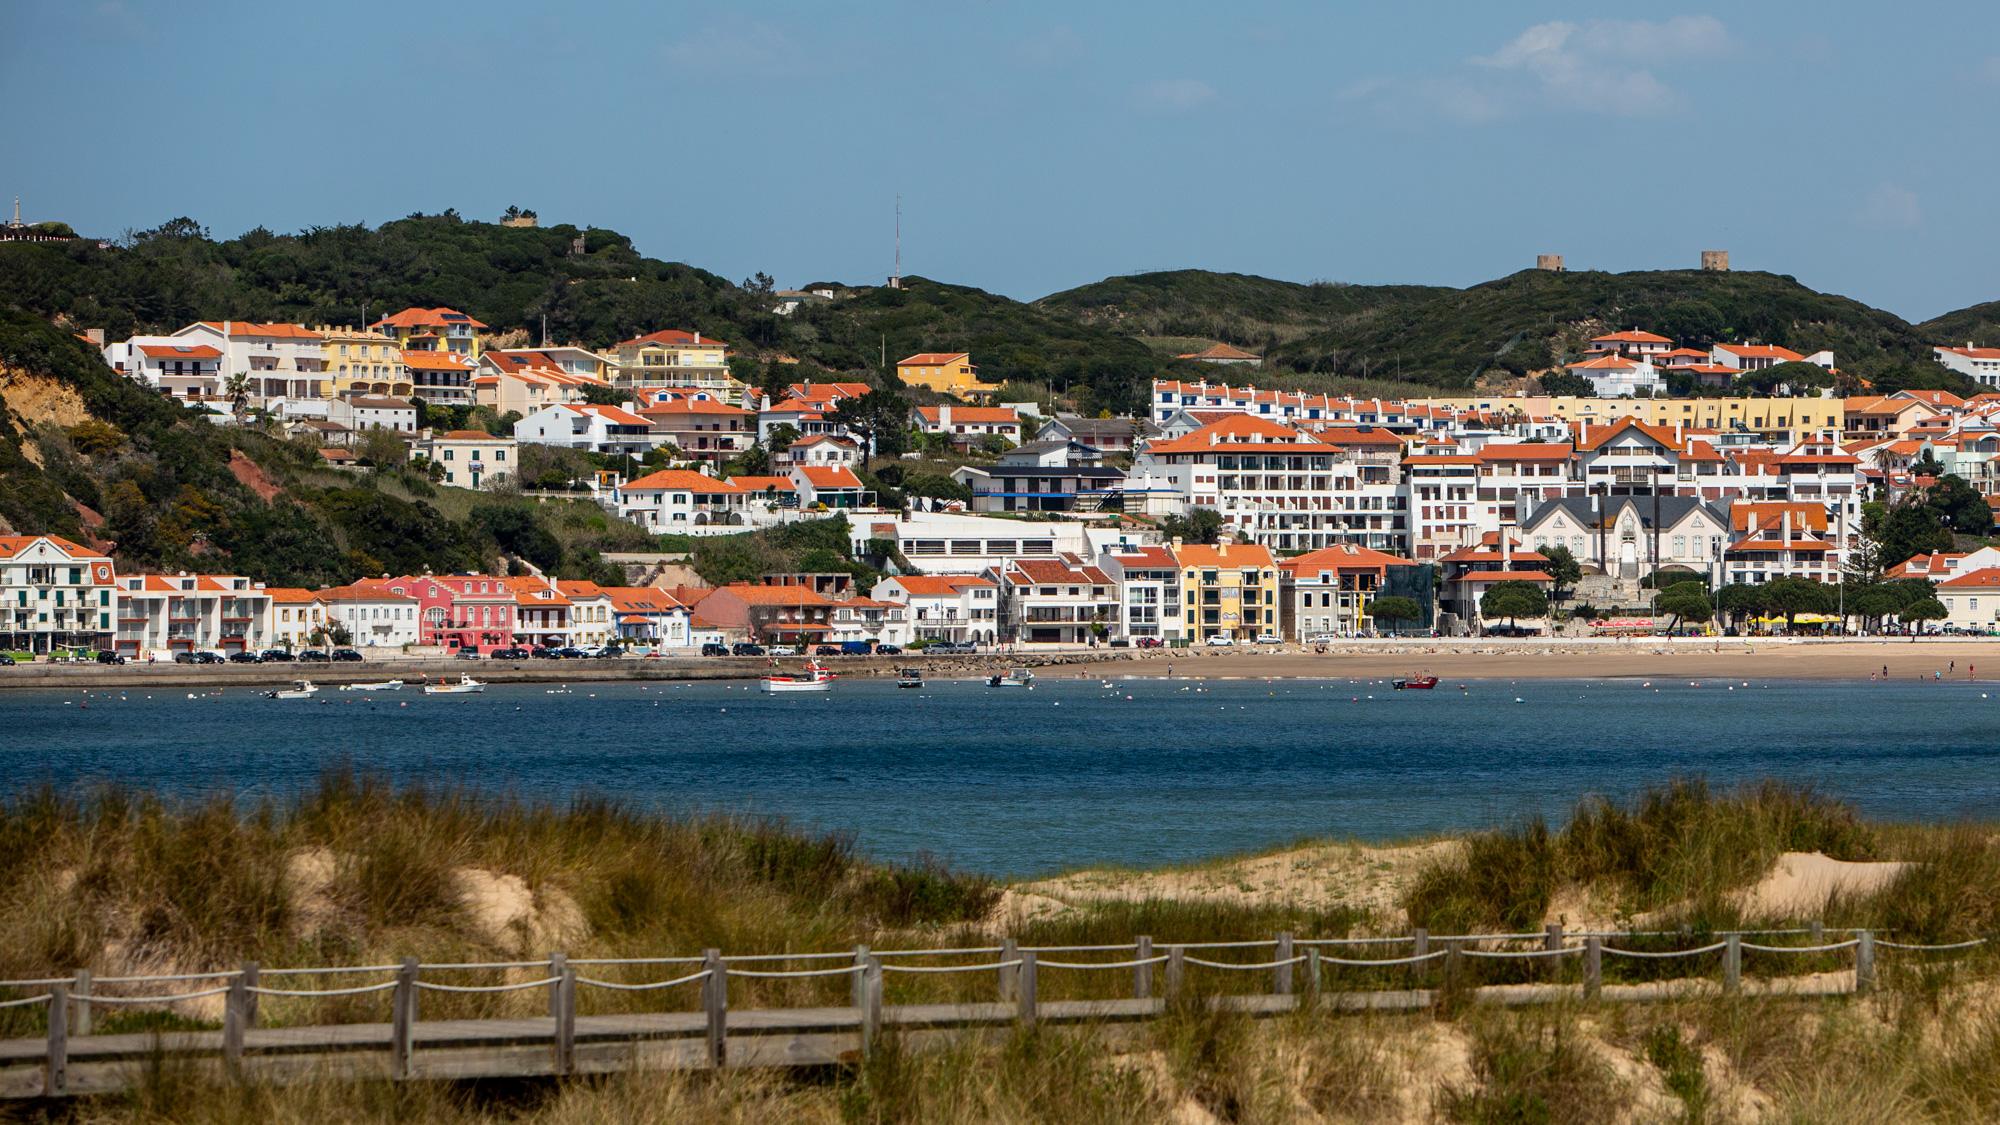 São Martinho do Porto (25 km)